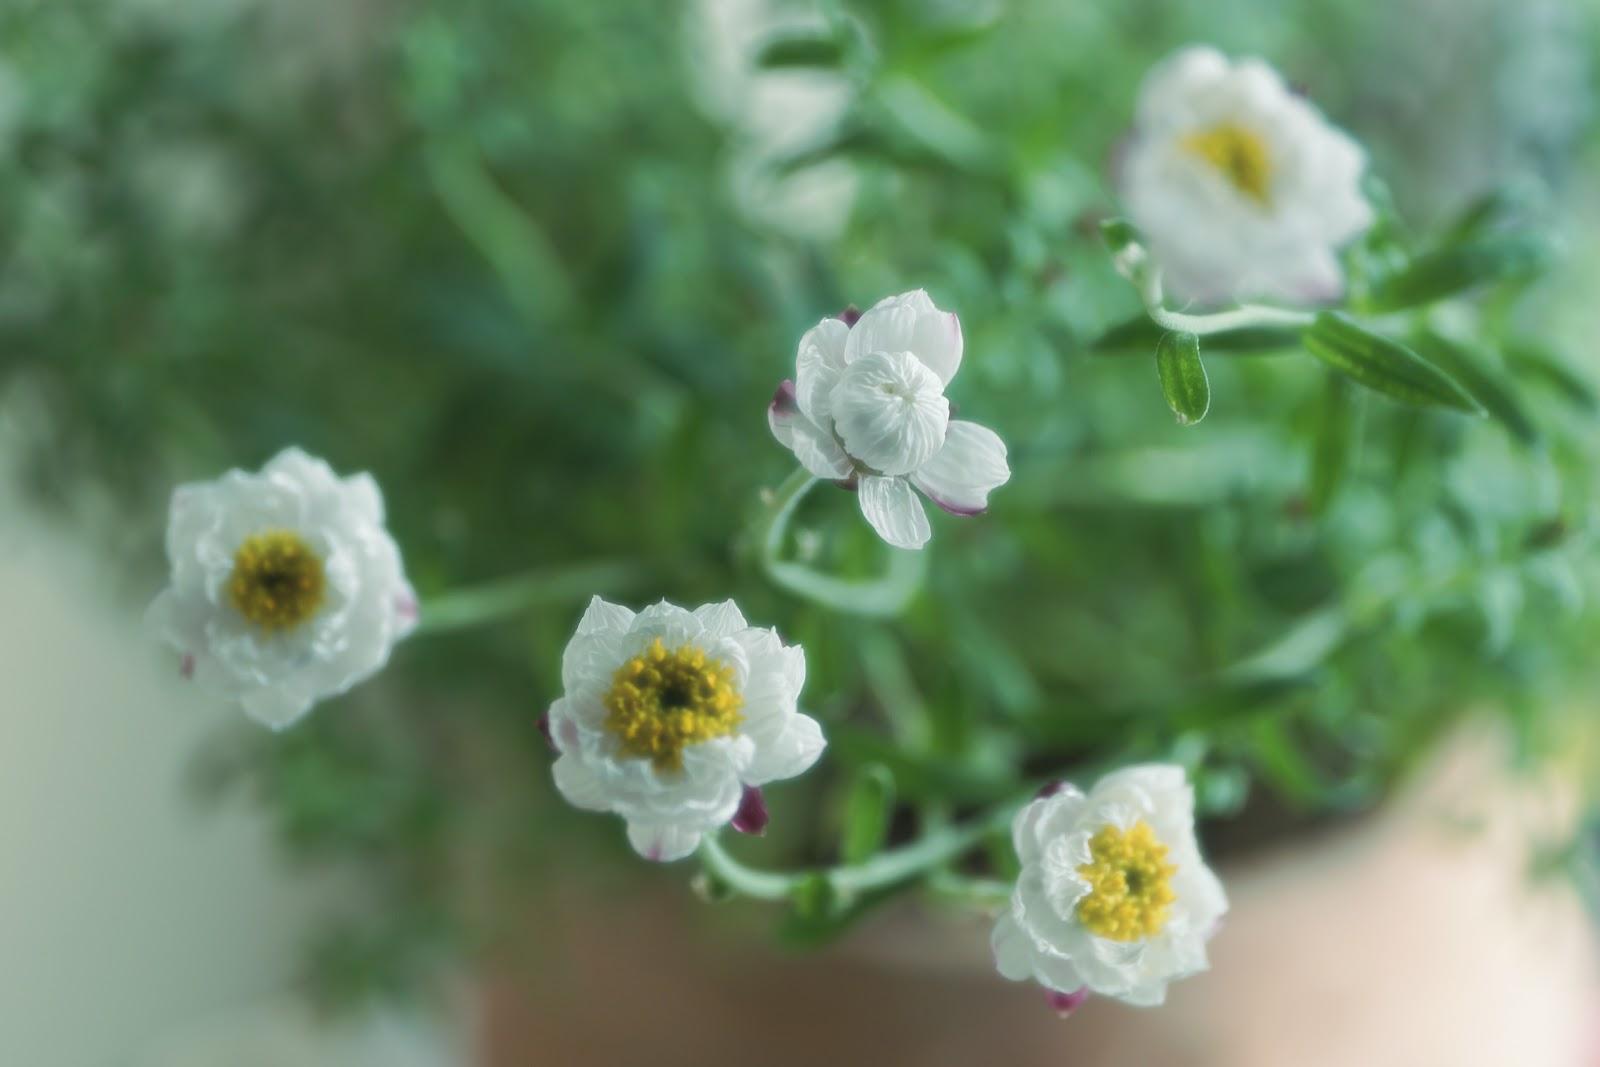 窓際に咲いた白くて小さな花